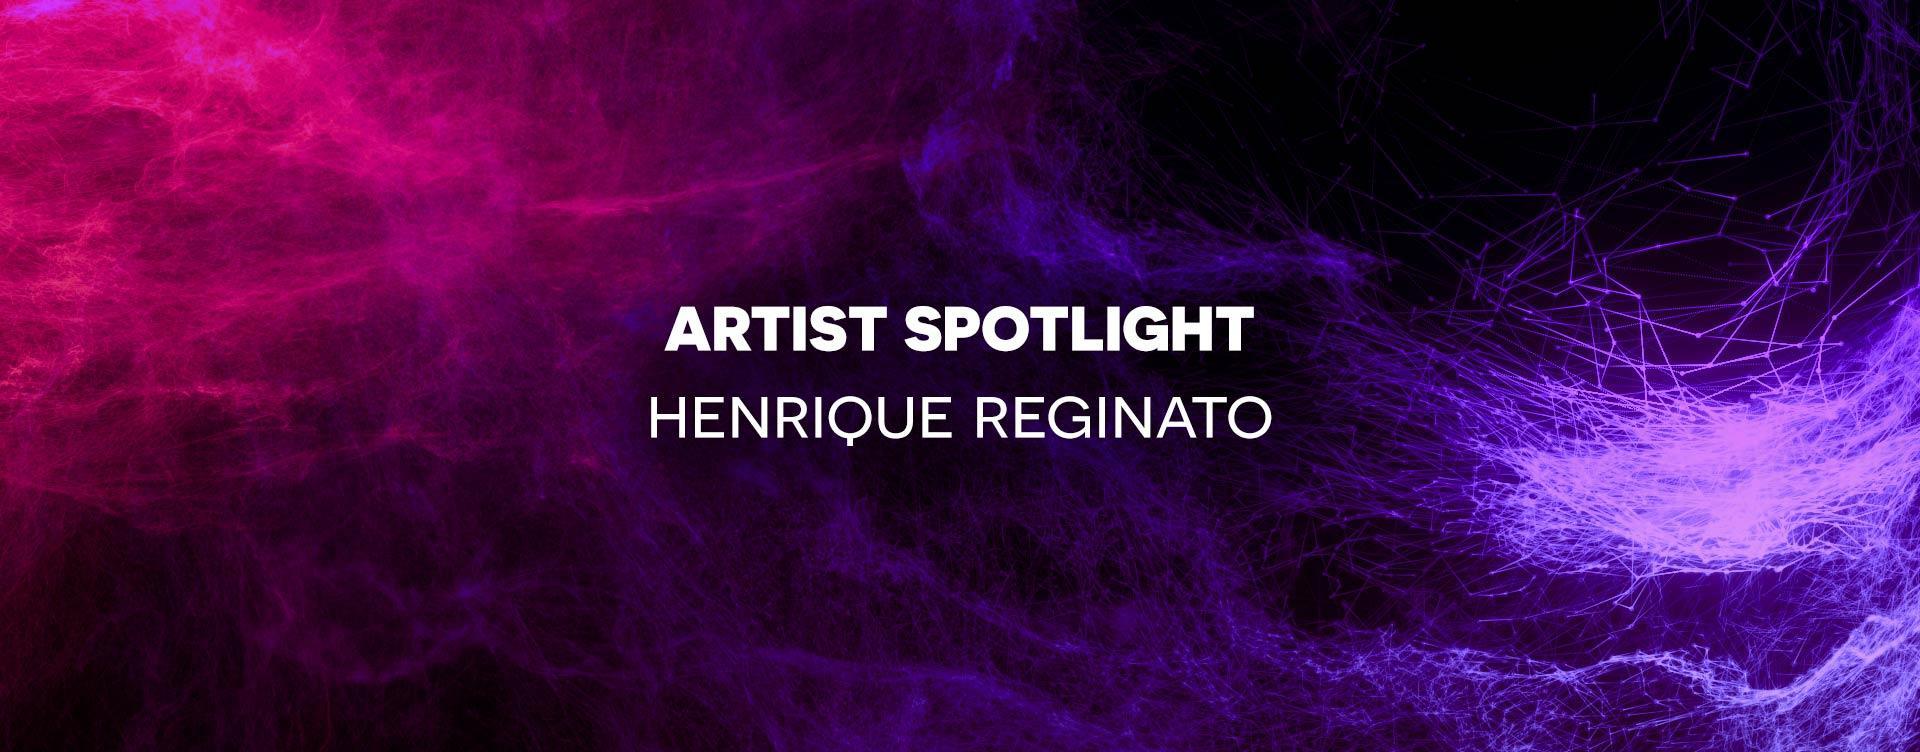 Artist Spotlight Henrique Reginato